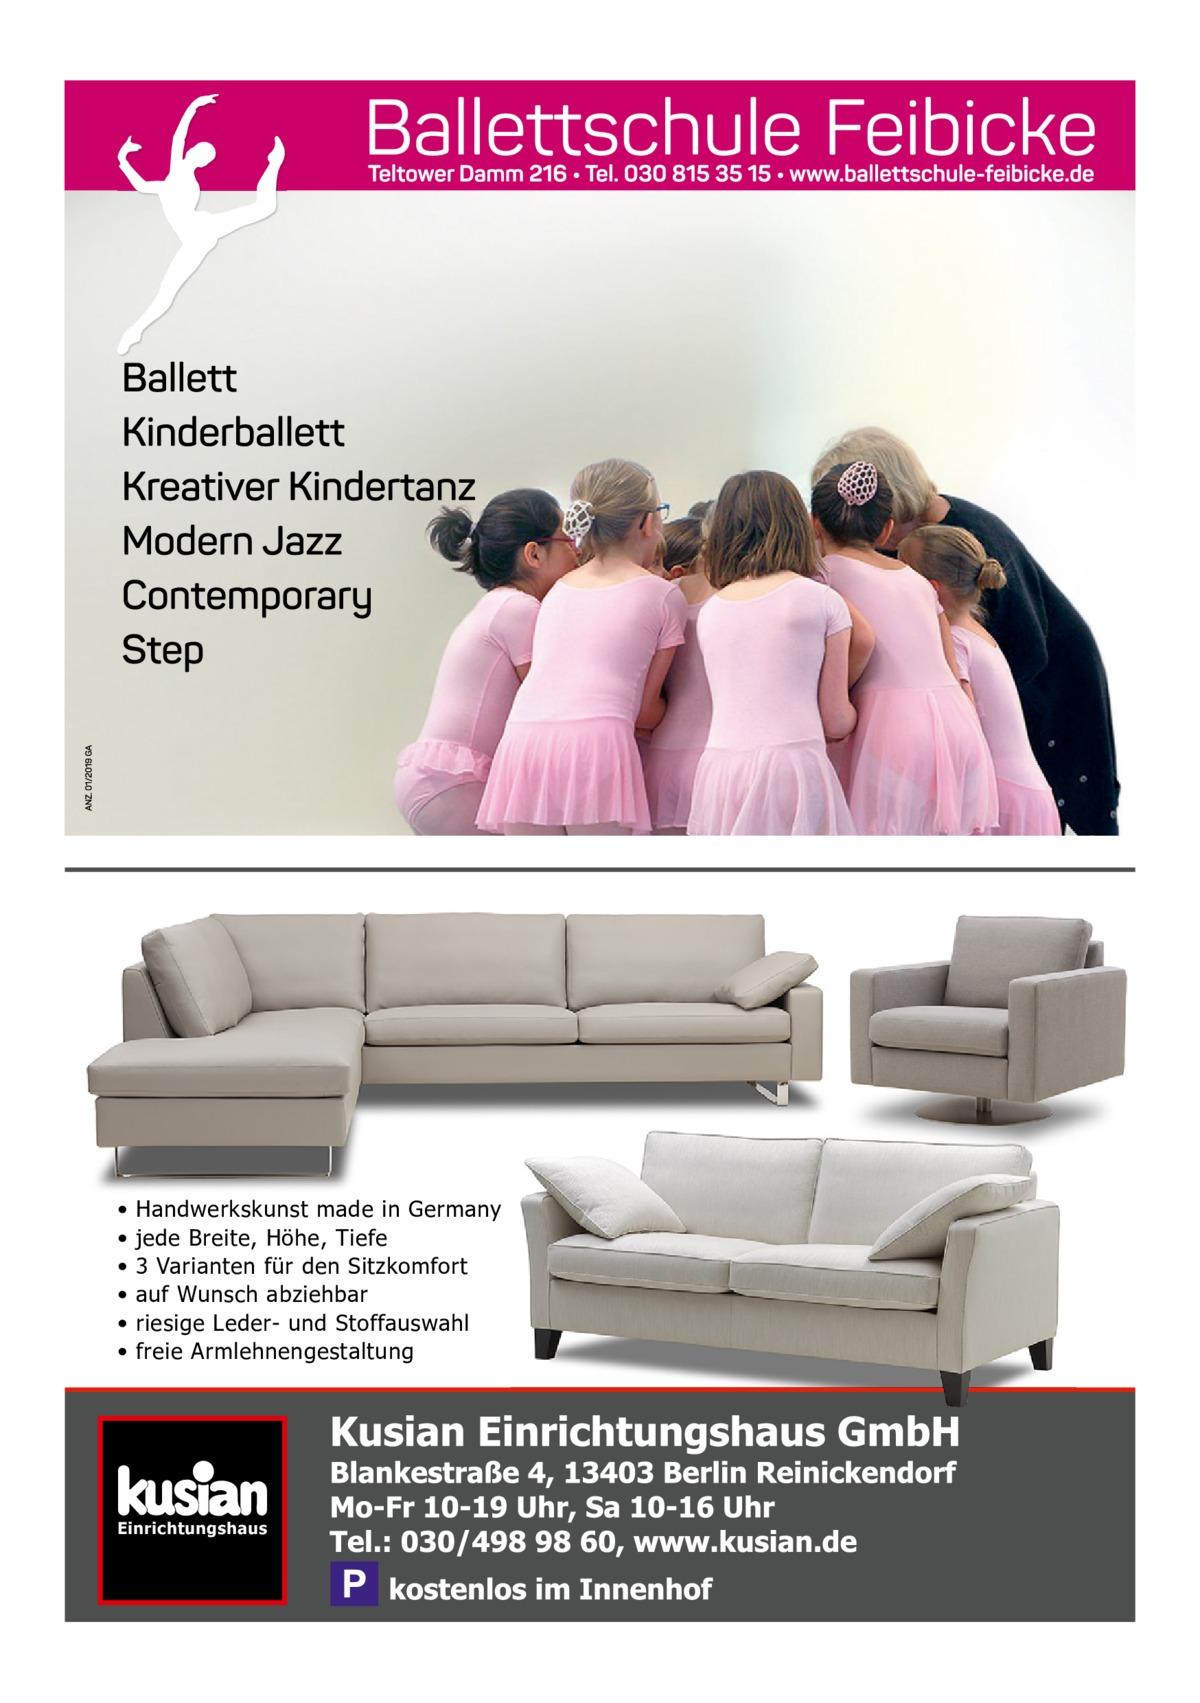 • • • • • •  Handwerkskunst made in Germany jede Breite, Höhe, Tiefe 3 Varianten für den Sitzkomfort auf Wunsch abziehbar riesige Leder- und Stoffauswahl freie Armlehnengestaltung  Einrichtungshaus